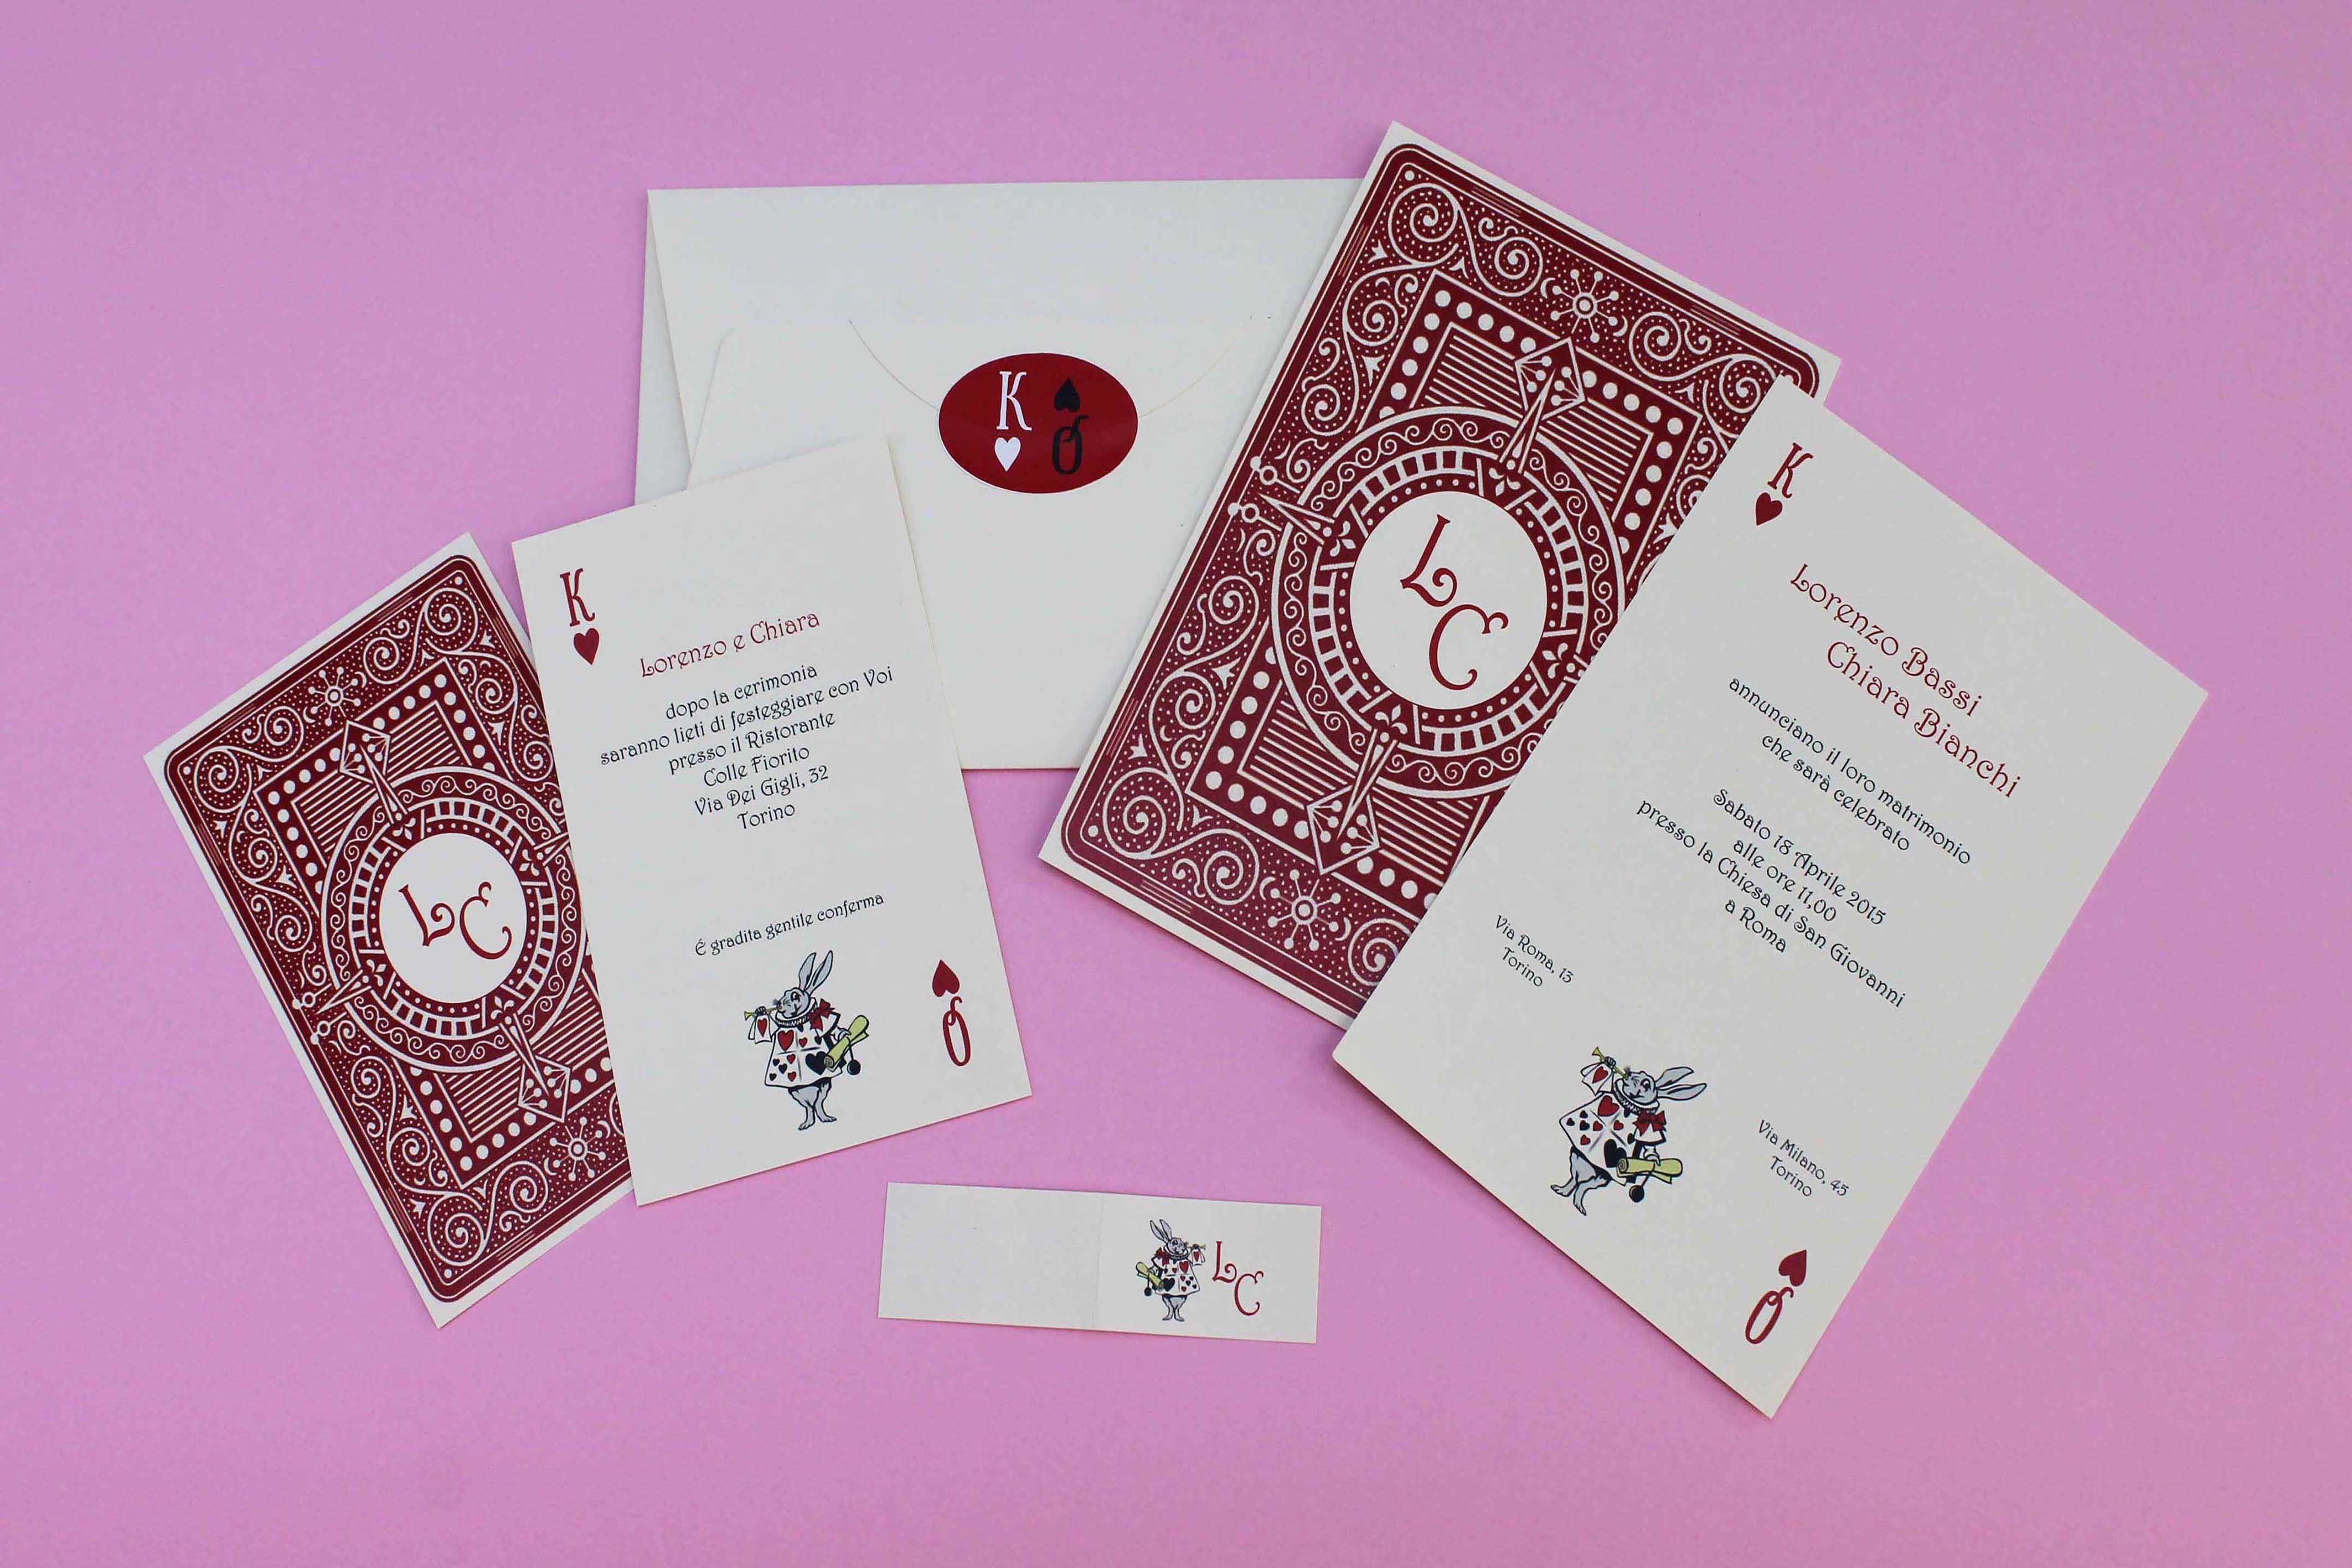 Partecipazioni Matrimonio Prezzi Bassi.Partecipazioni Nozze Art 192 Carta Da Gioco Carte Da Gioco